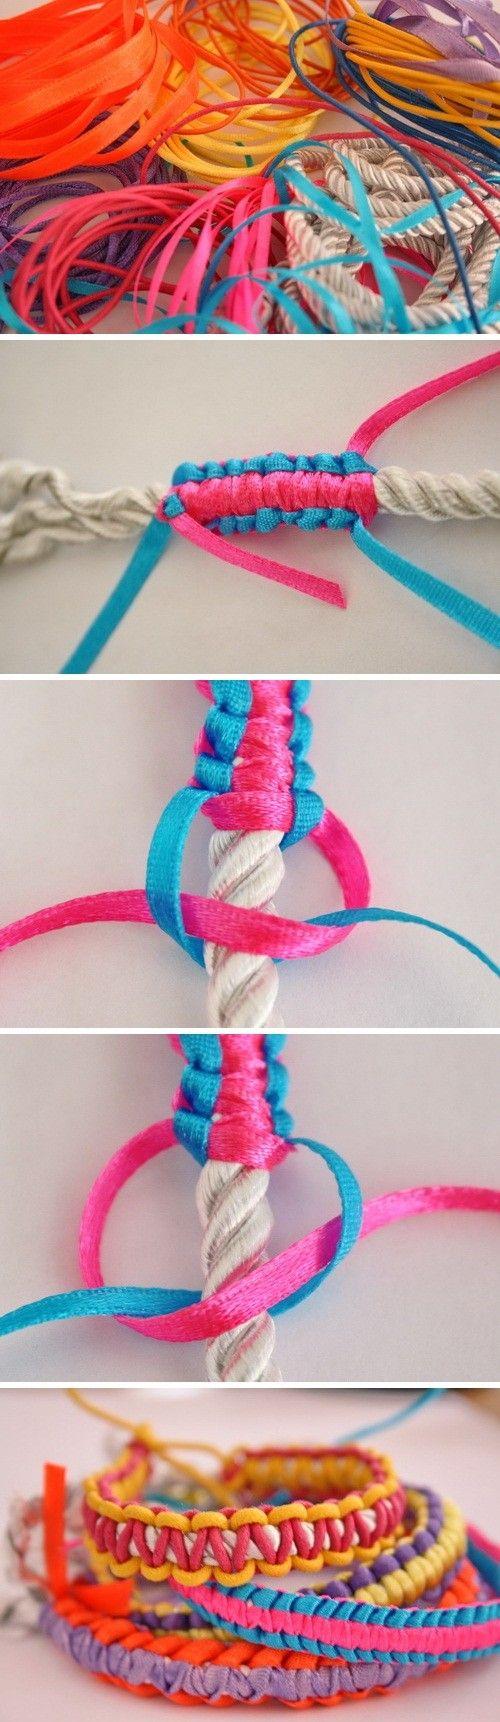 Como-hacer-pulseras tejidasIdeas, Macrame Bracelets, Diy Crafts, Diybracelets, Survival Bracelets, Ribbons Bracelets, Diy Bracelets, Kids, Friendship Bracelets